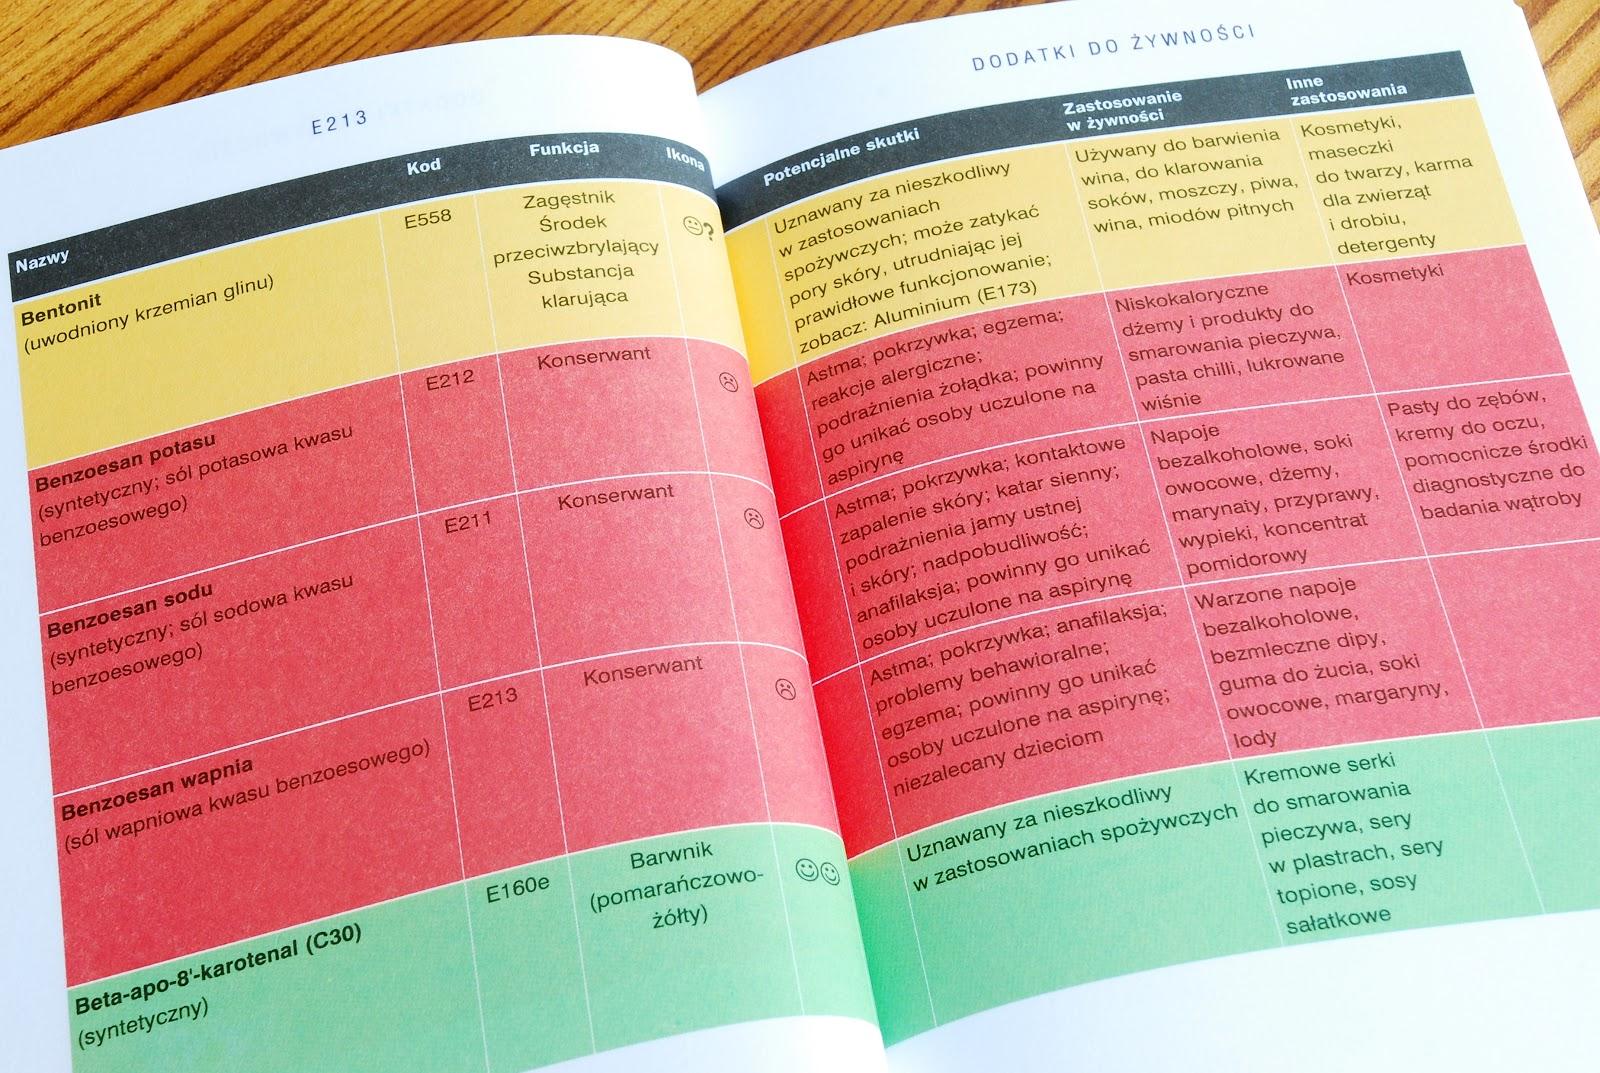 Wnętrze książki, fragment alfabetycznej listy dodatków do żywności z kolorowymi oznaczeniami